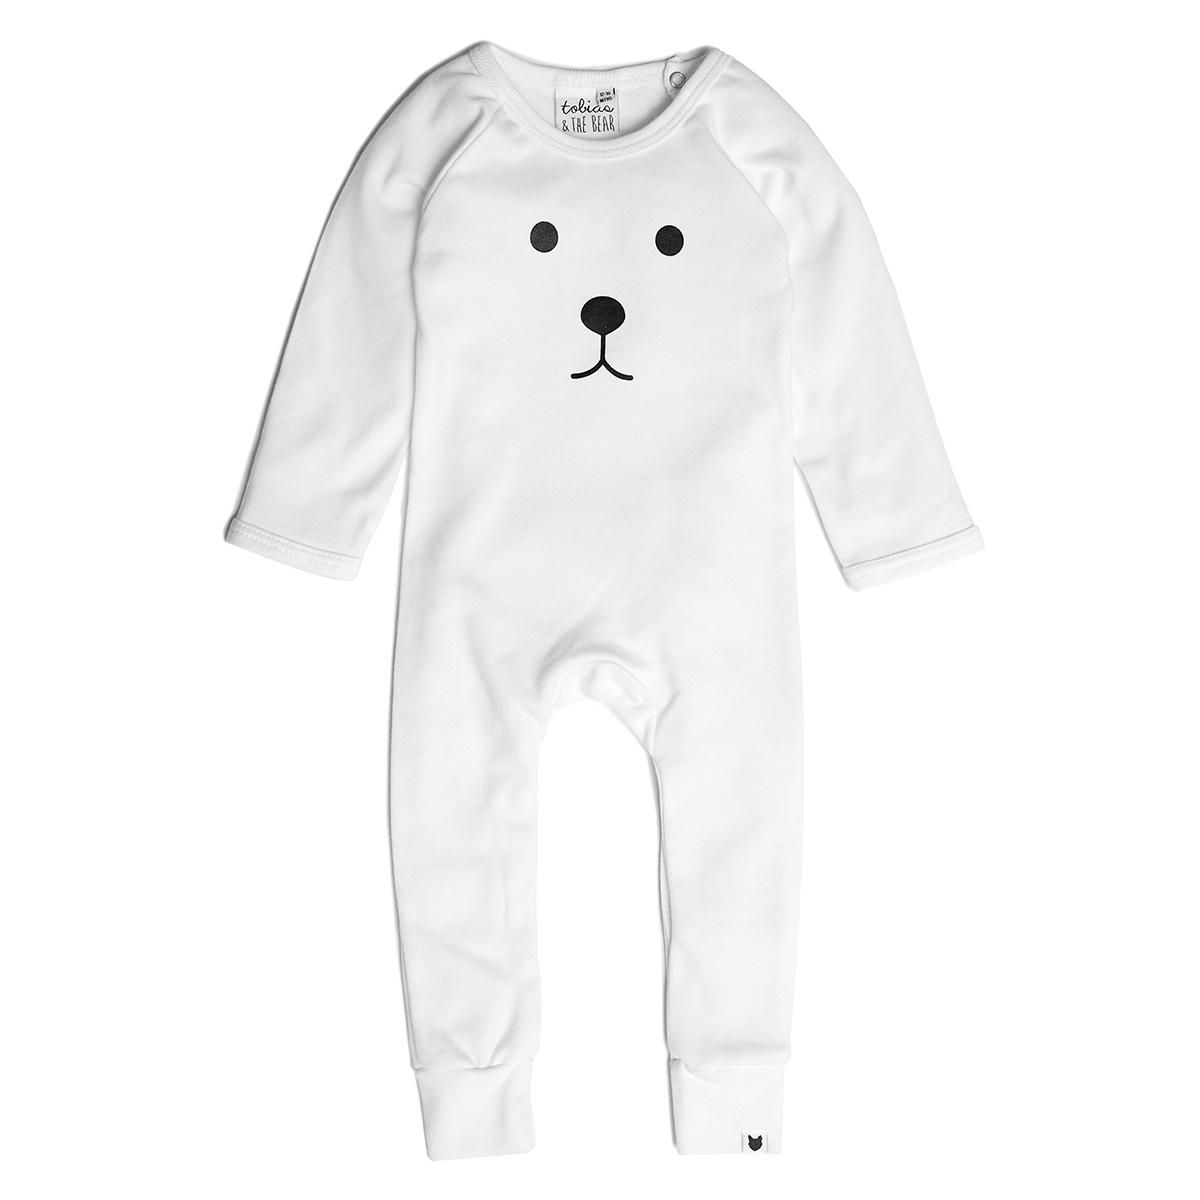 Body & Pyjama Pyjama Sans Pied Ours Blanc - 18/24 Mois Pyjama Sans Pied Ours Blanc - 18/24 Mois